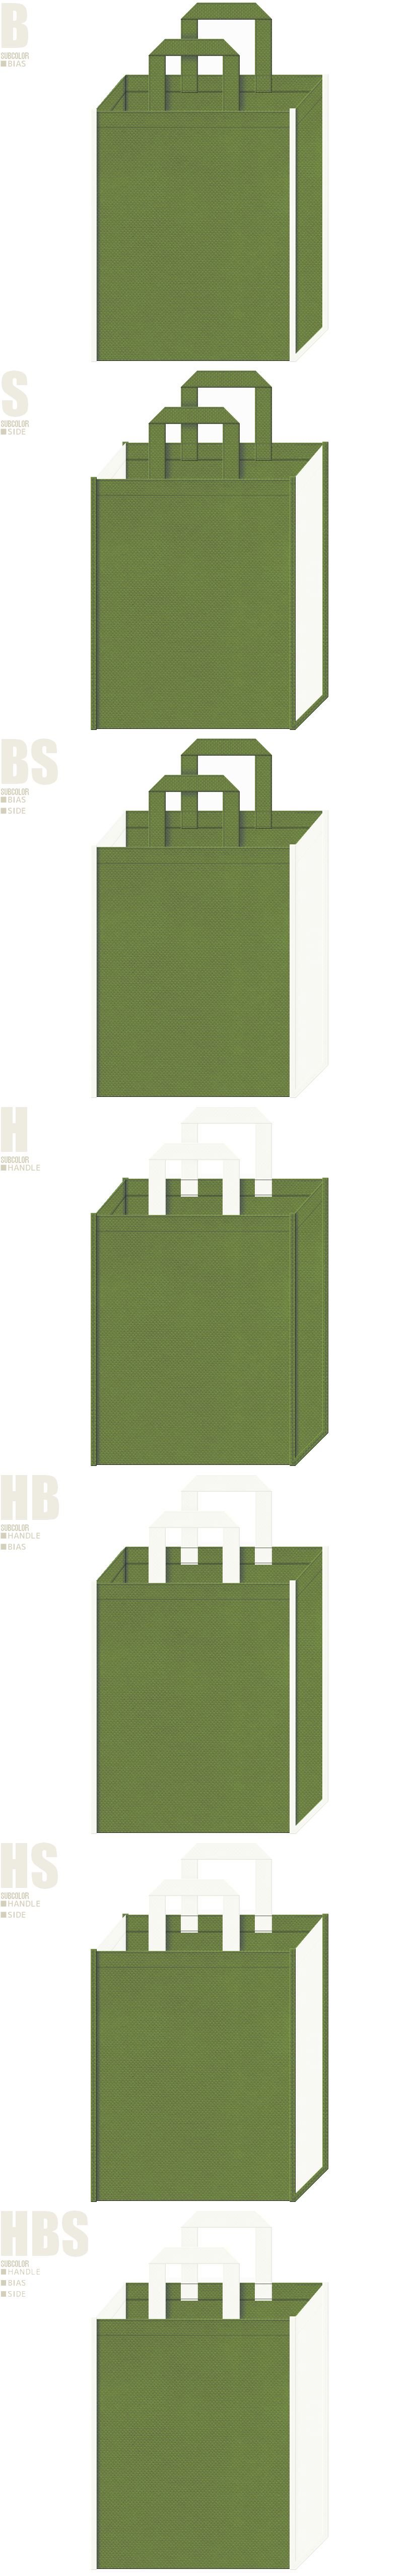 抹茶アイス・抹茶オーレ・抹茶ロール・青汁・豆乳・柏餅・和菓子・和風催事・和紙・障子・和モダン・和風建築の展示会用バッグにお奨めの不織布バッグデザイン:草色とオフホワイト色の配色7パターン